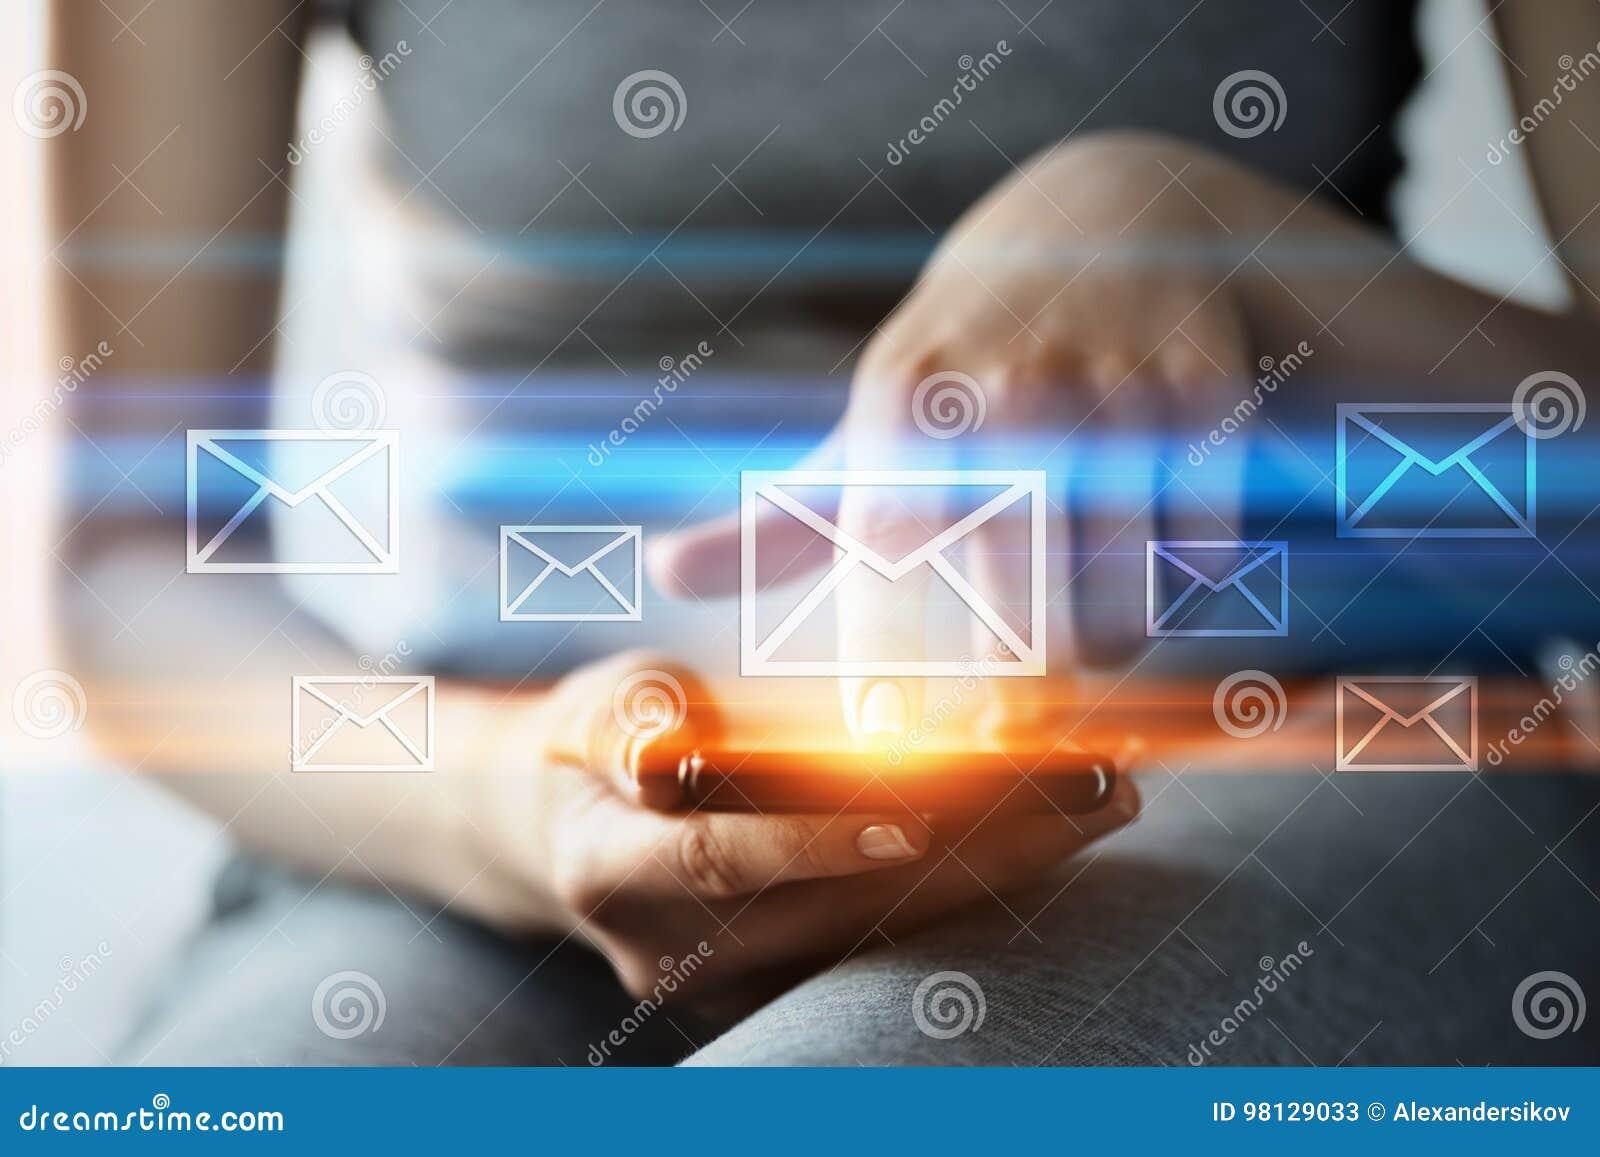 消息电子邮件邮件通信网上闲谈企业互联网技术网络概念